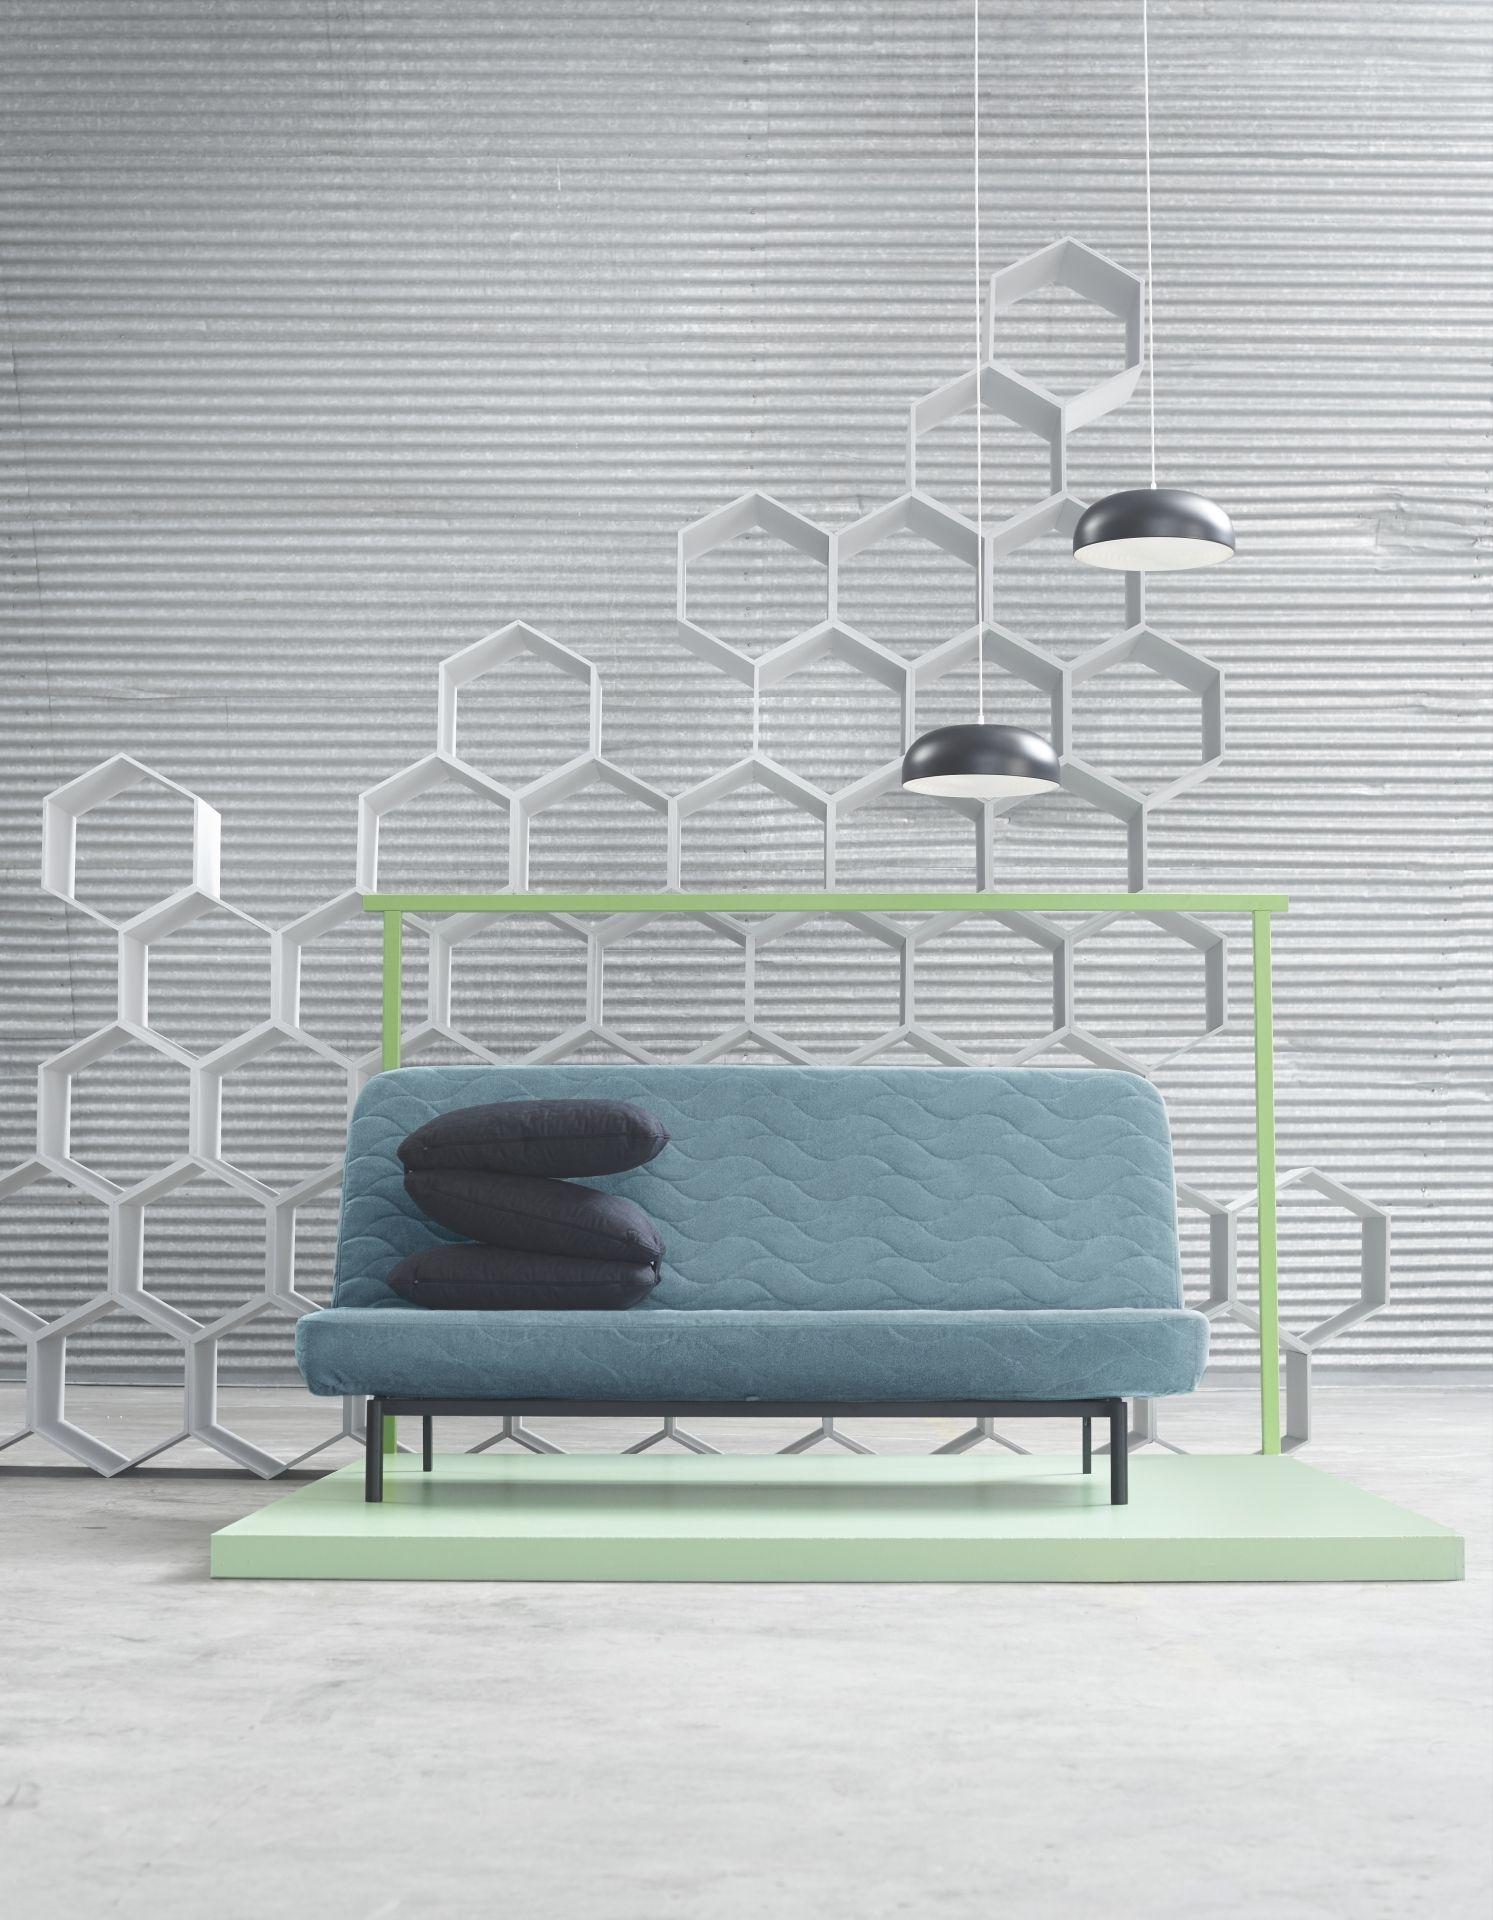 Ikea Beddinge Bedbank.Nederland Slaapbank Ikea En Ideeen Voor Thuisdecoratie